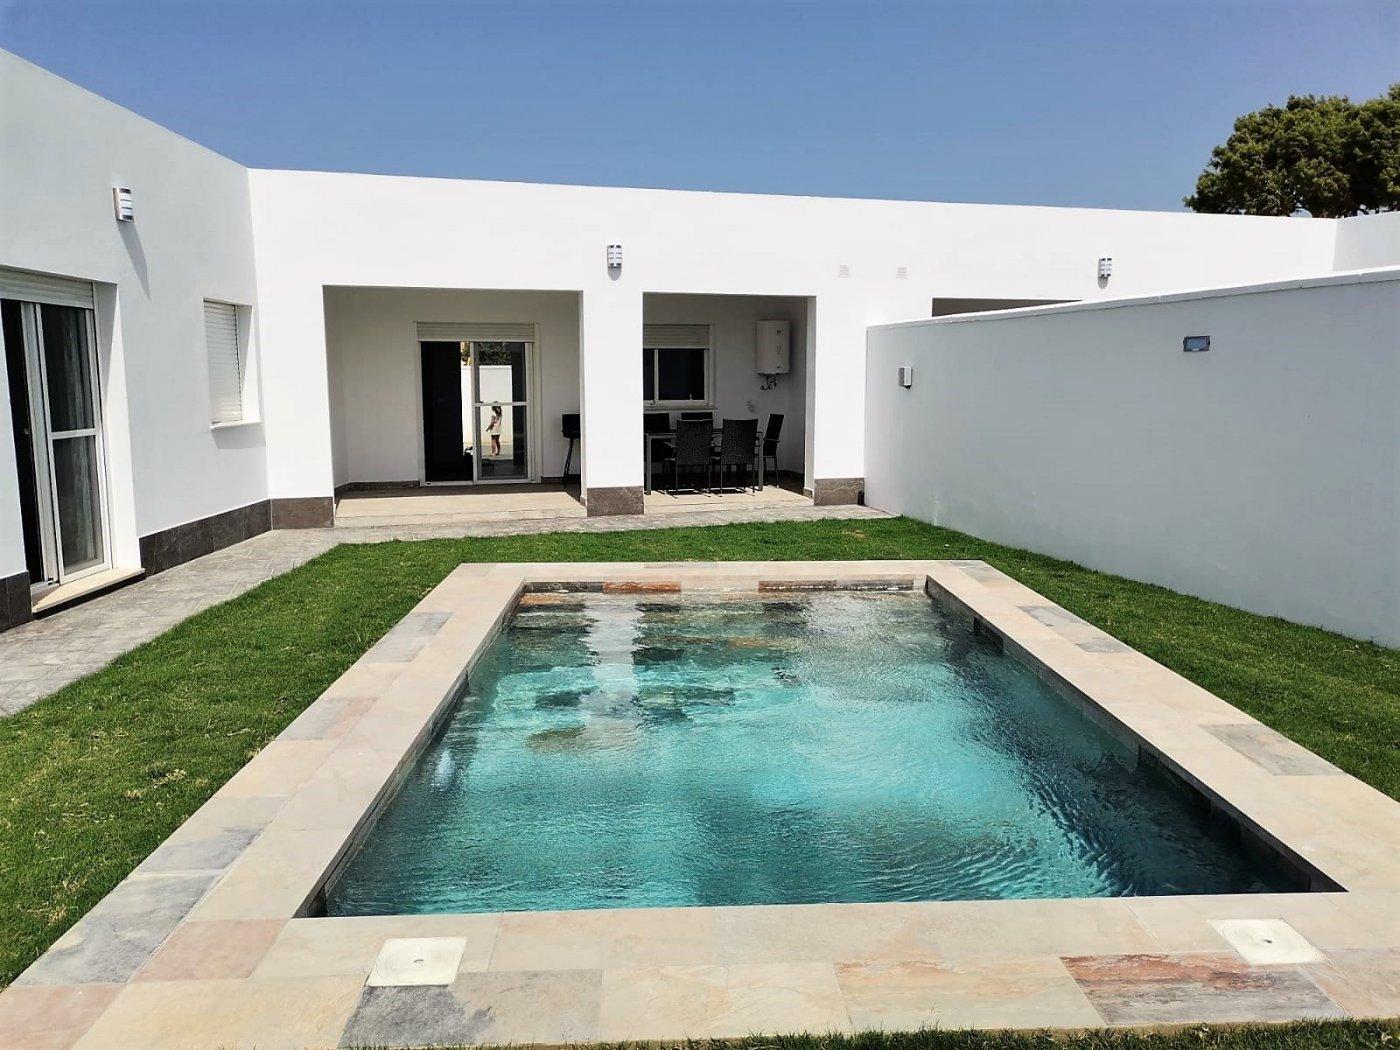 Villa for rent in El sotillo, Chiclana de la Frontera